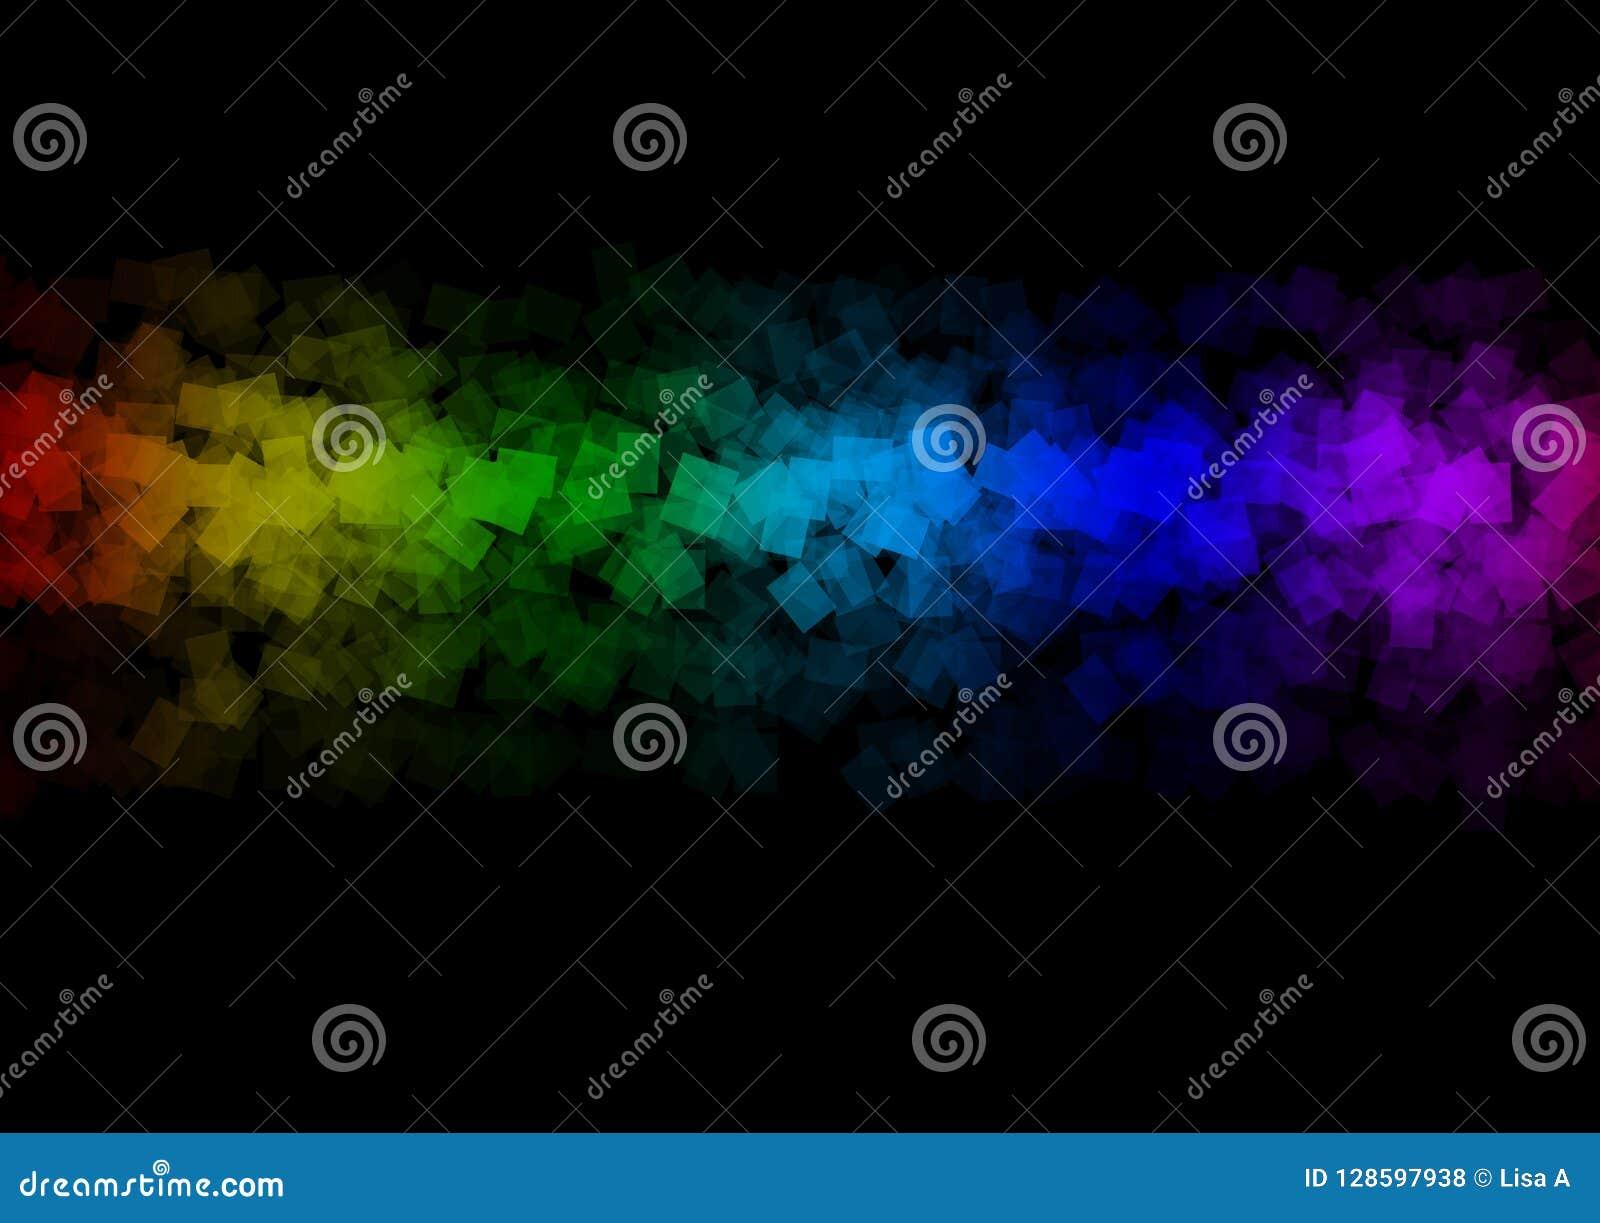 多彩多姿的彩虹摘要背景艺术设计美丽的横幅